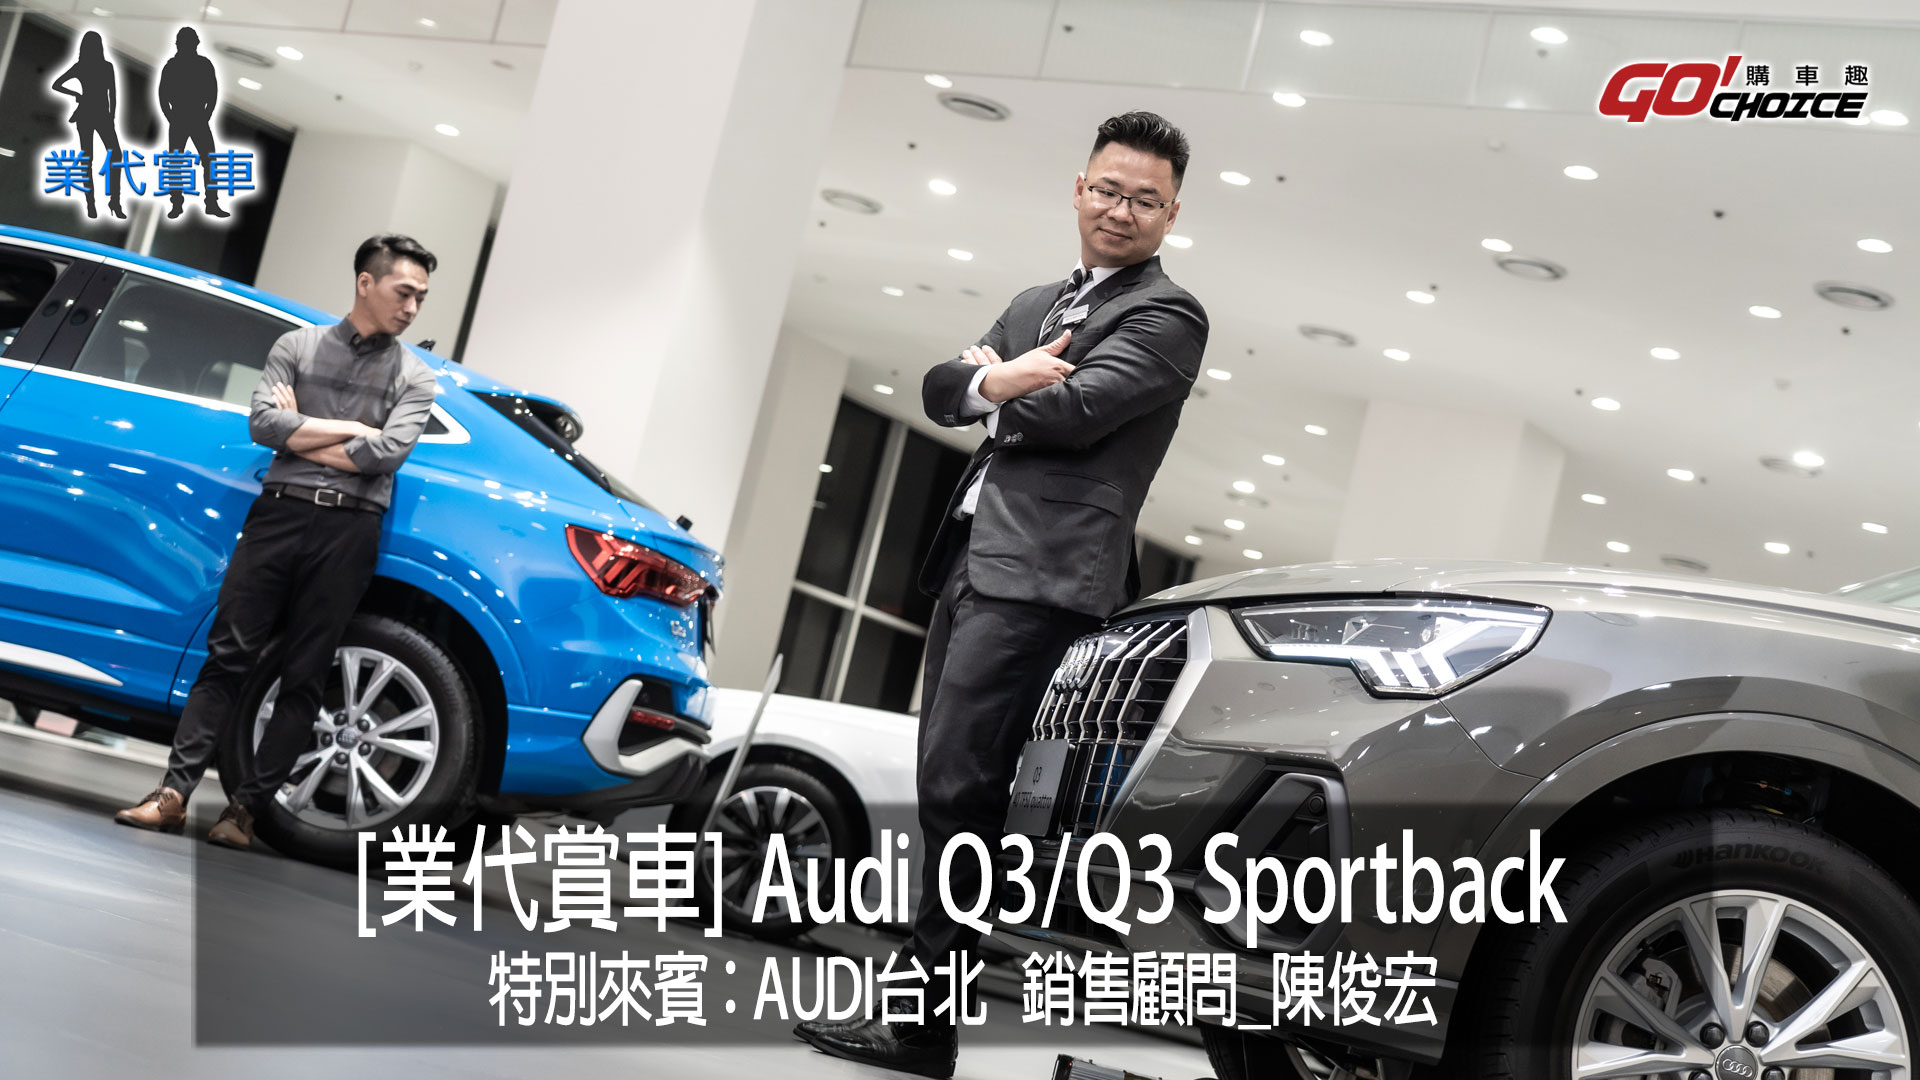 業代賞車-Audi新世代美型跑旅Q3/Q3 Sportback!AUDI台北-銷售顧問_陳俊宏